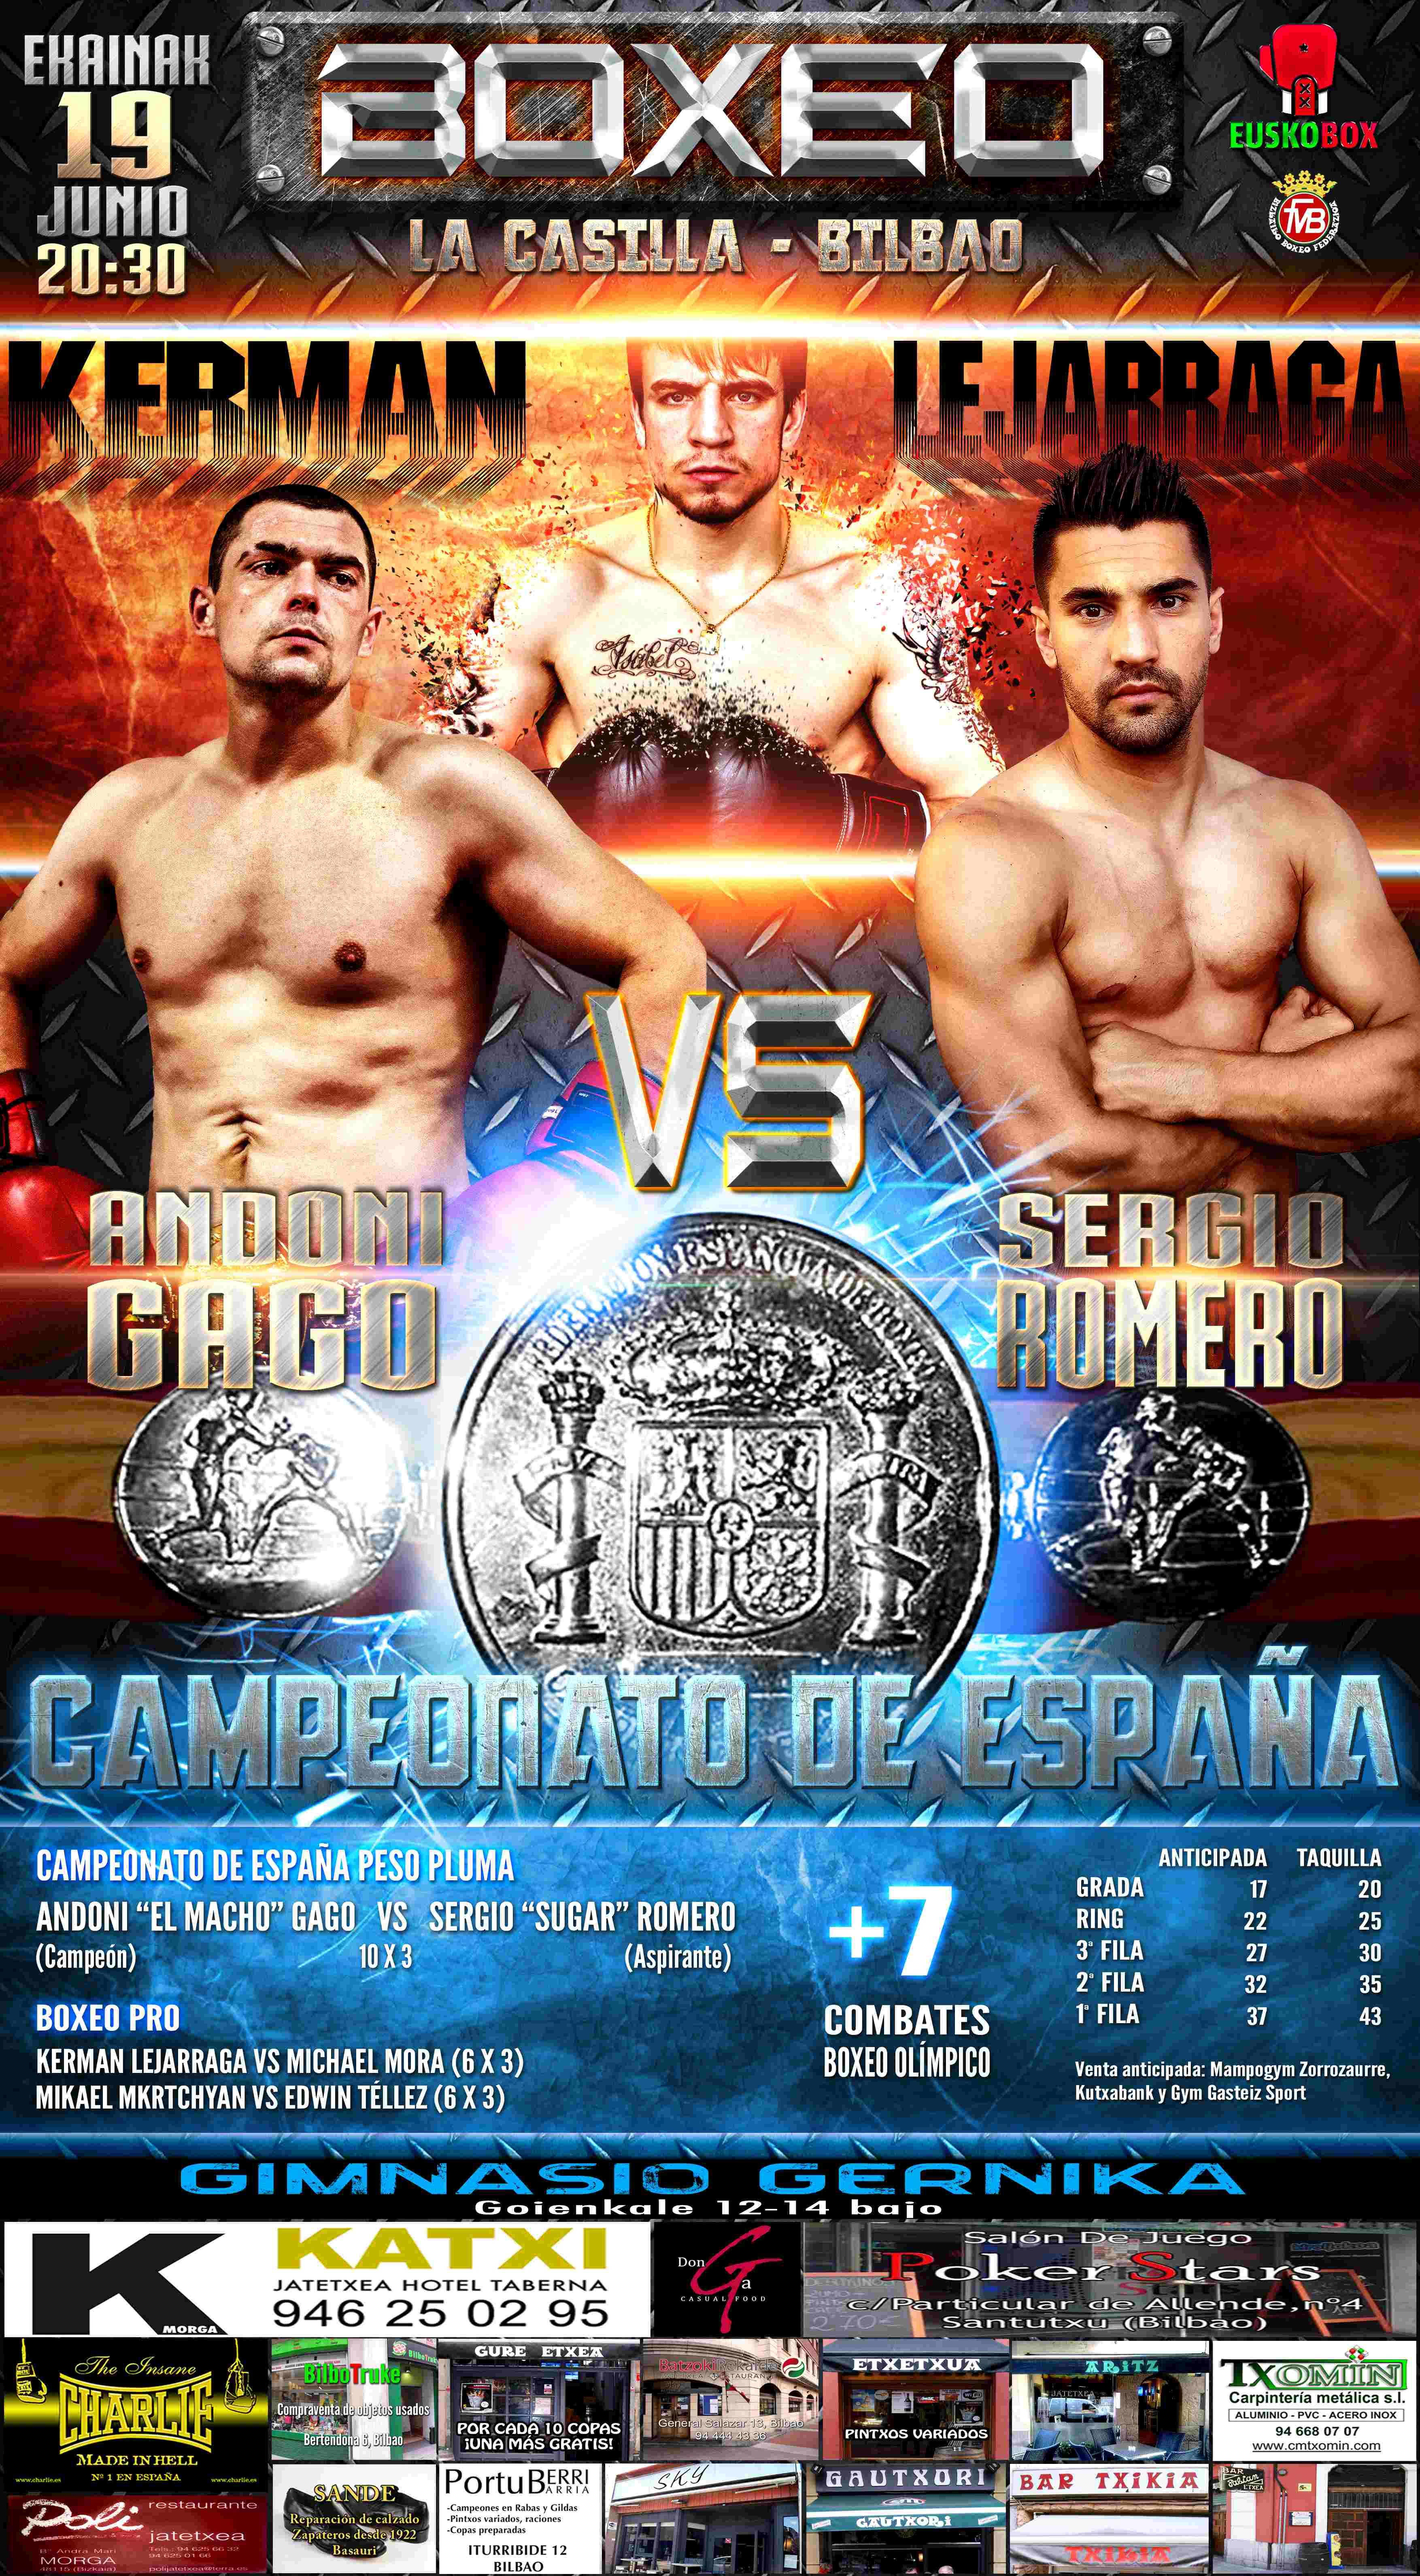 Cartel para velada de boxeo profesional en La Casilla (Bilbao)